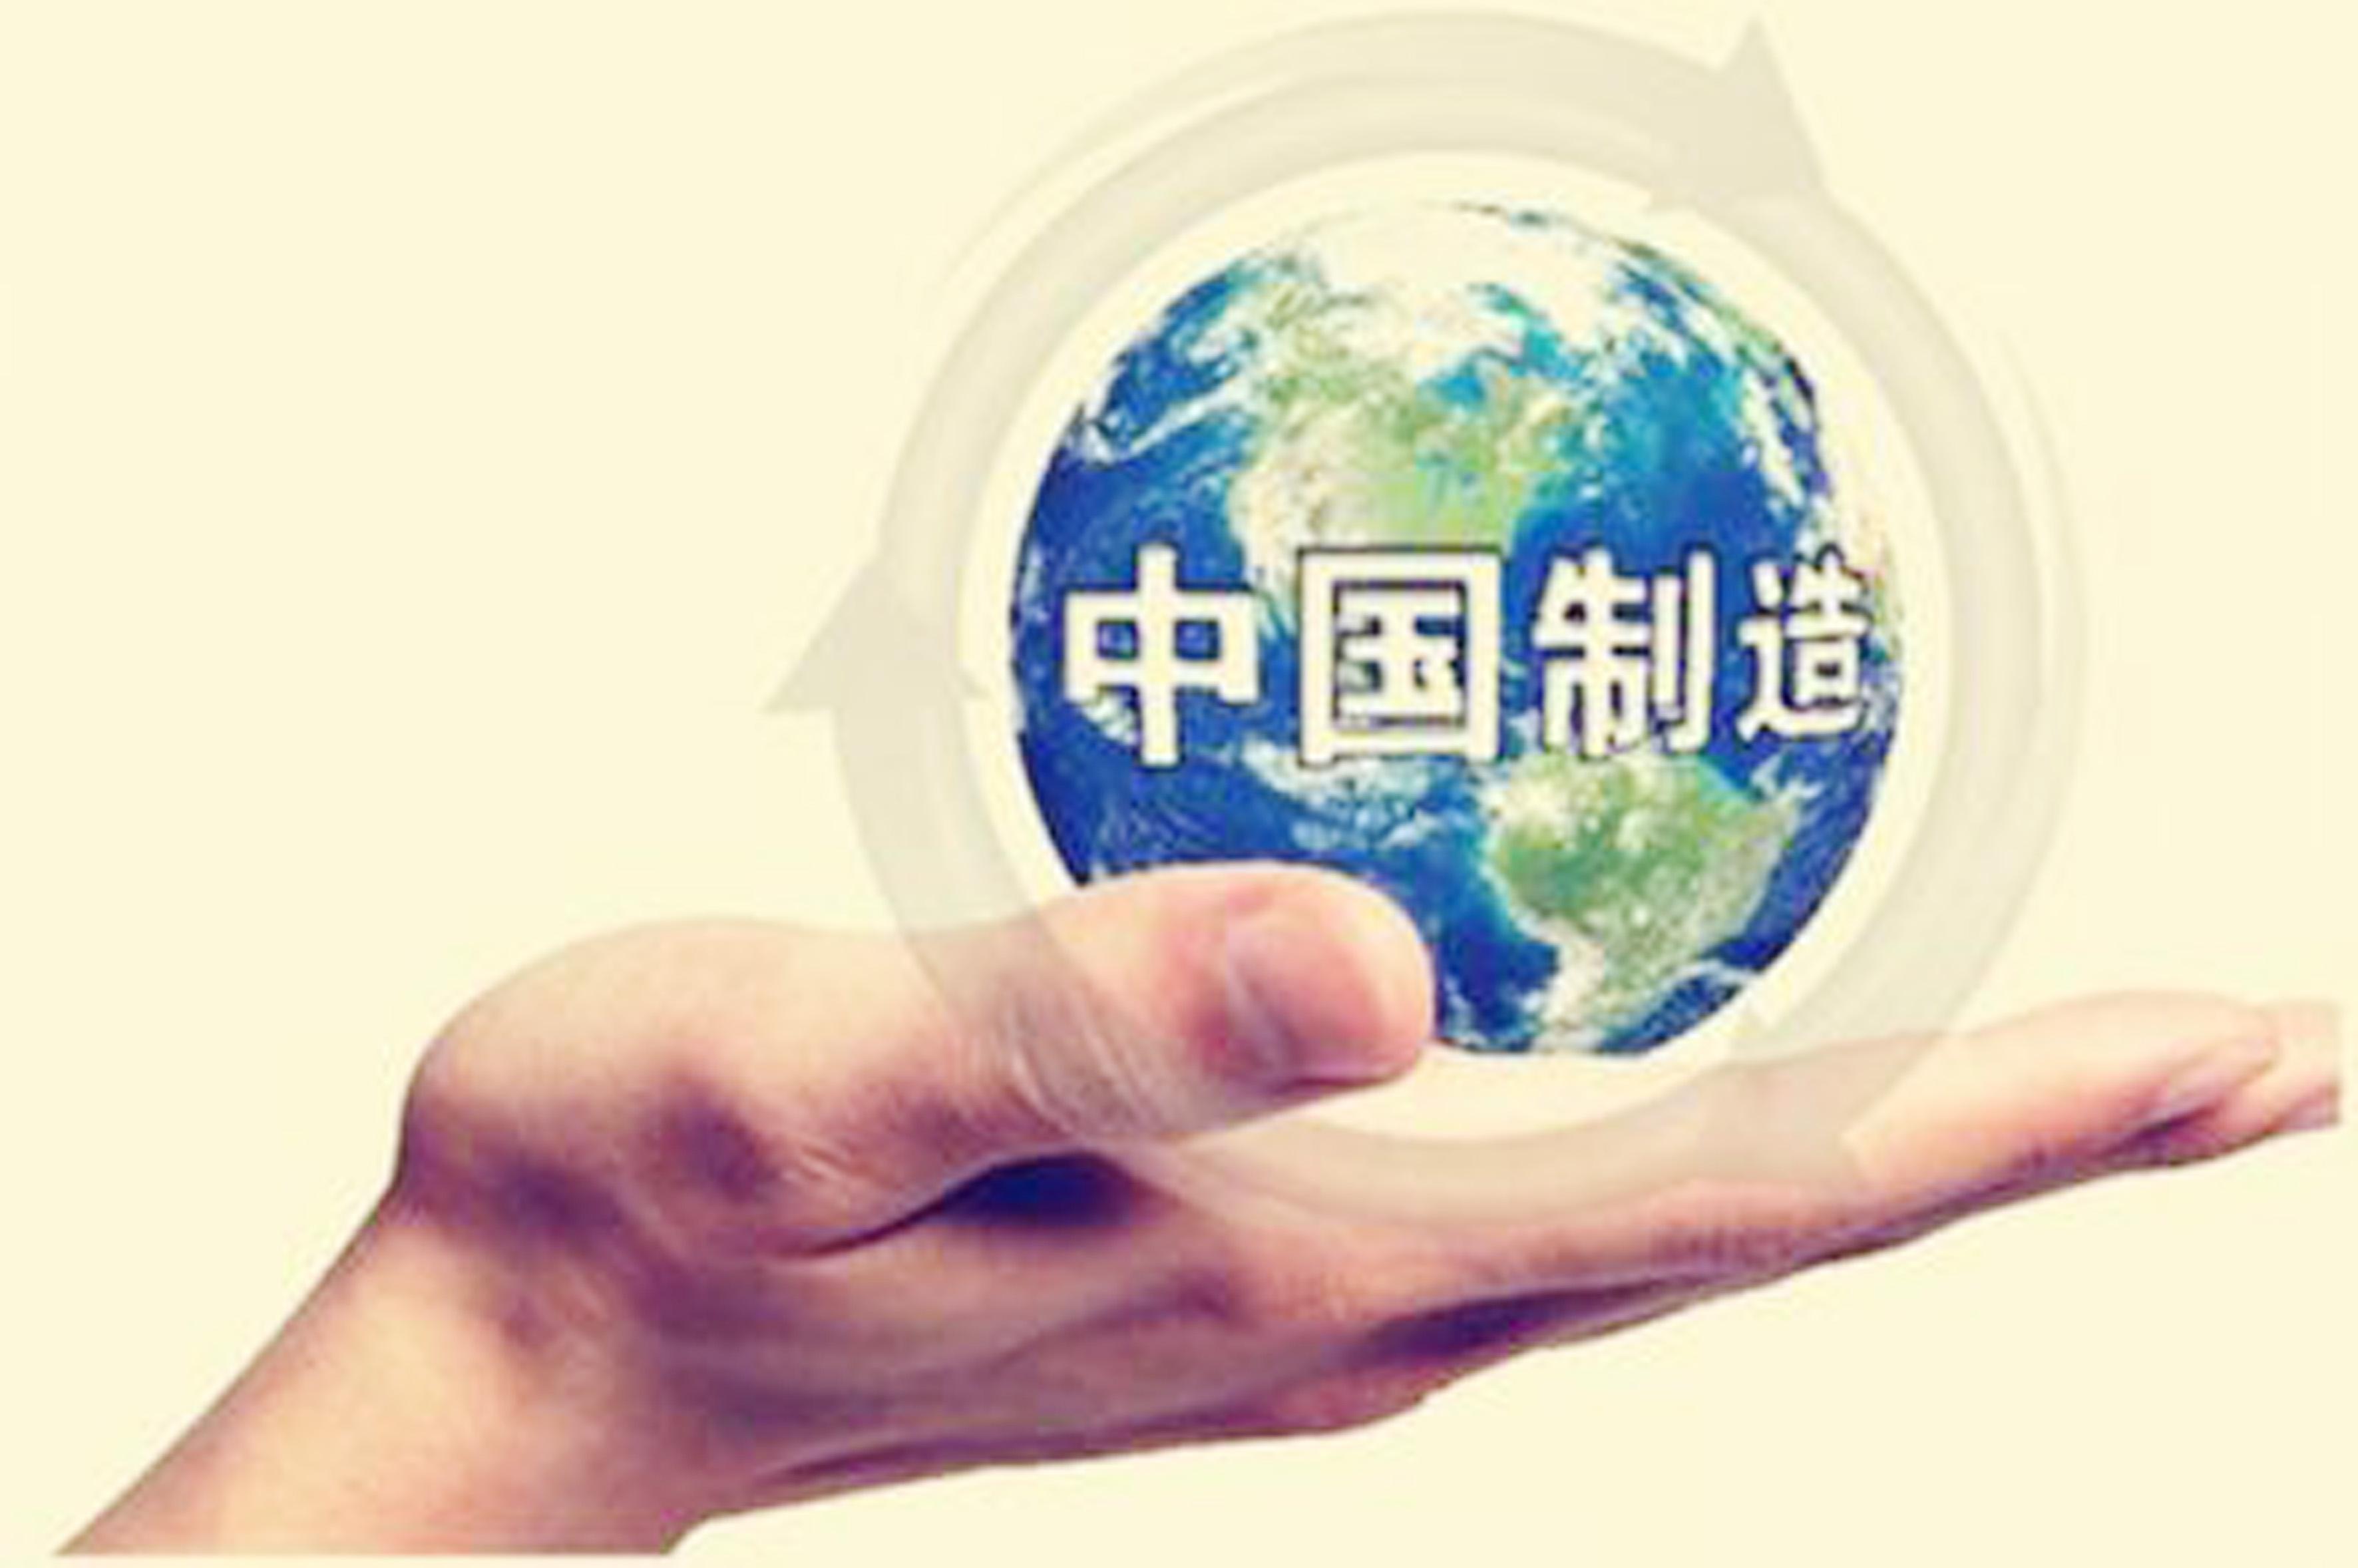 中国制造业有望实现弯道超车成为经济发展新动能